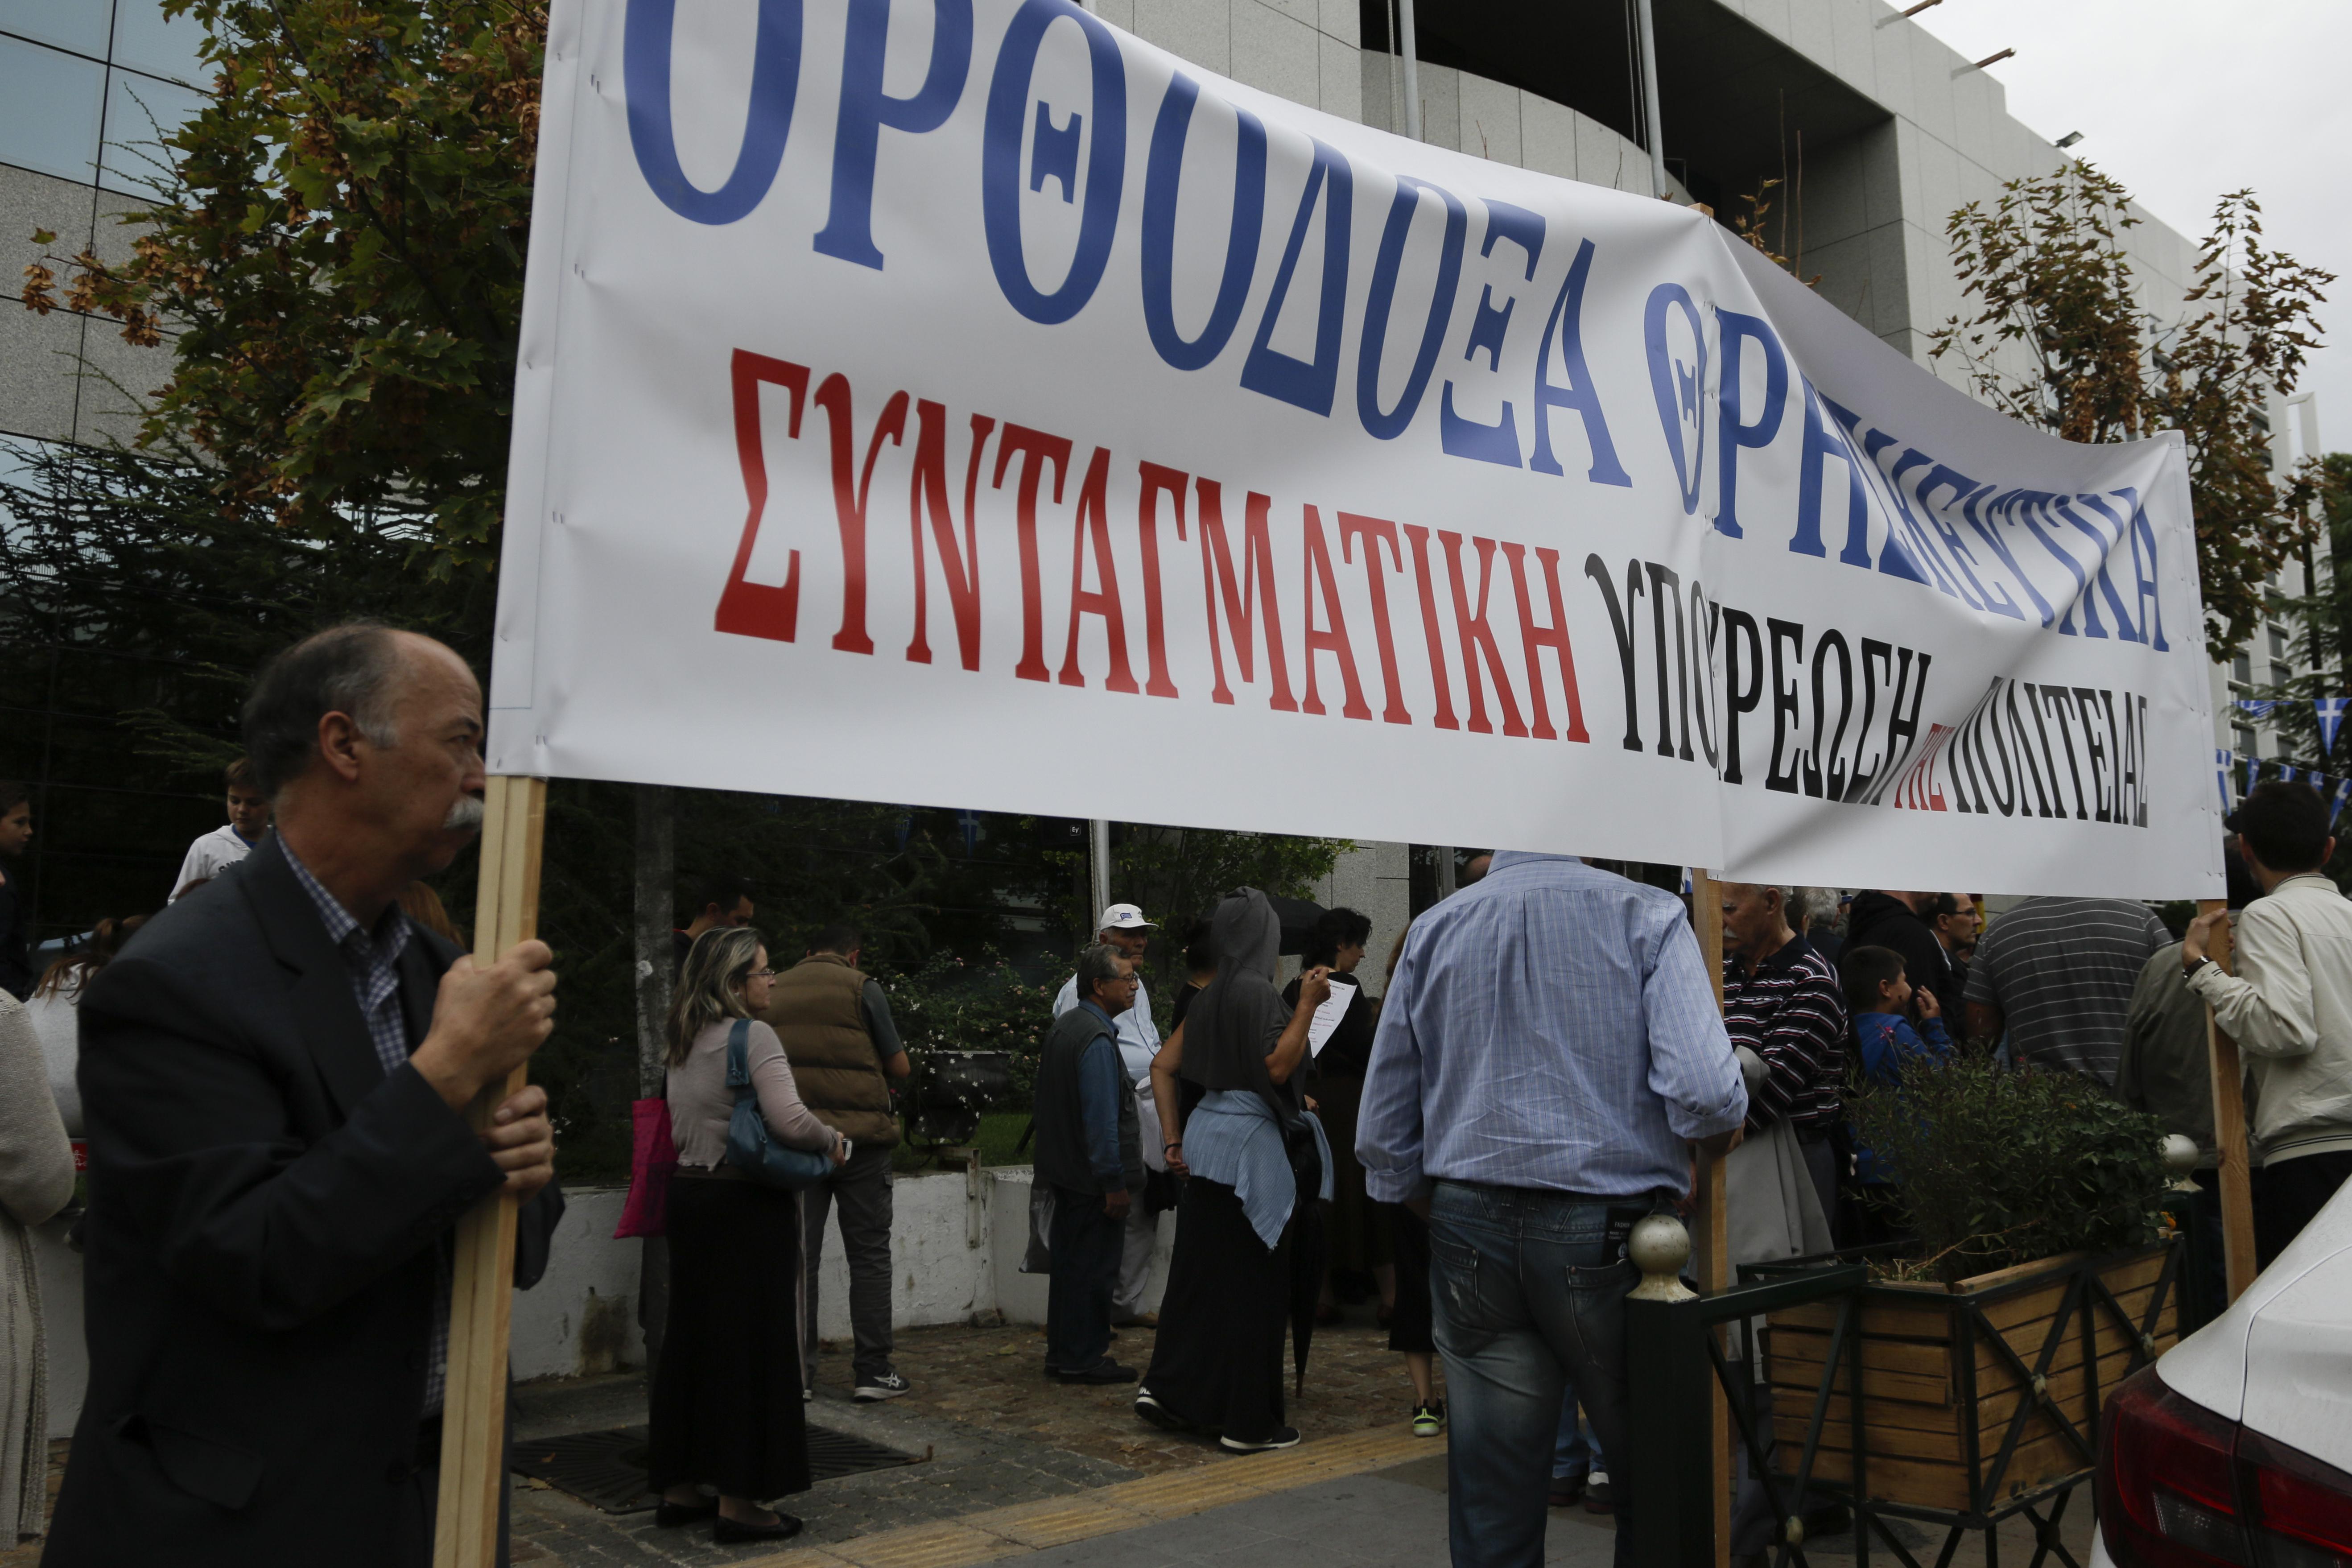 Πορεία διαμαρτυρίας στο υπ. Παιδείας για το μάθημα των θρησκευτικών - Εικόνα 5